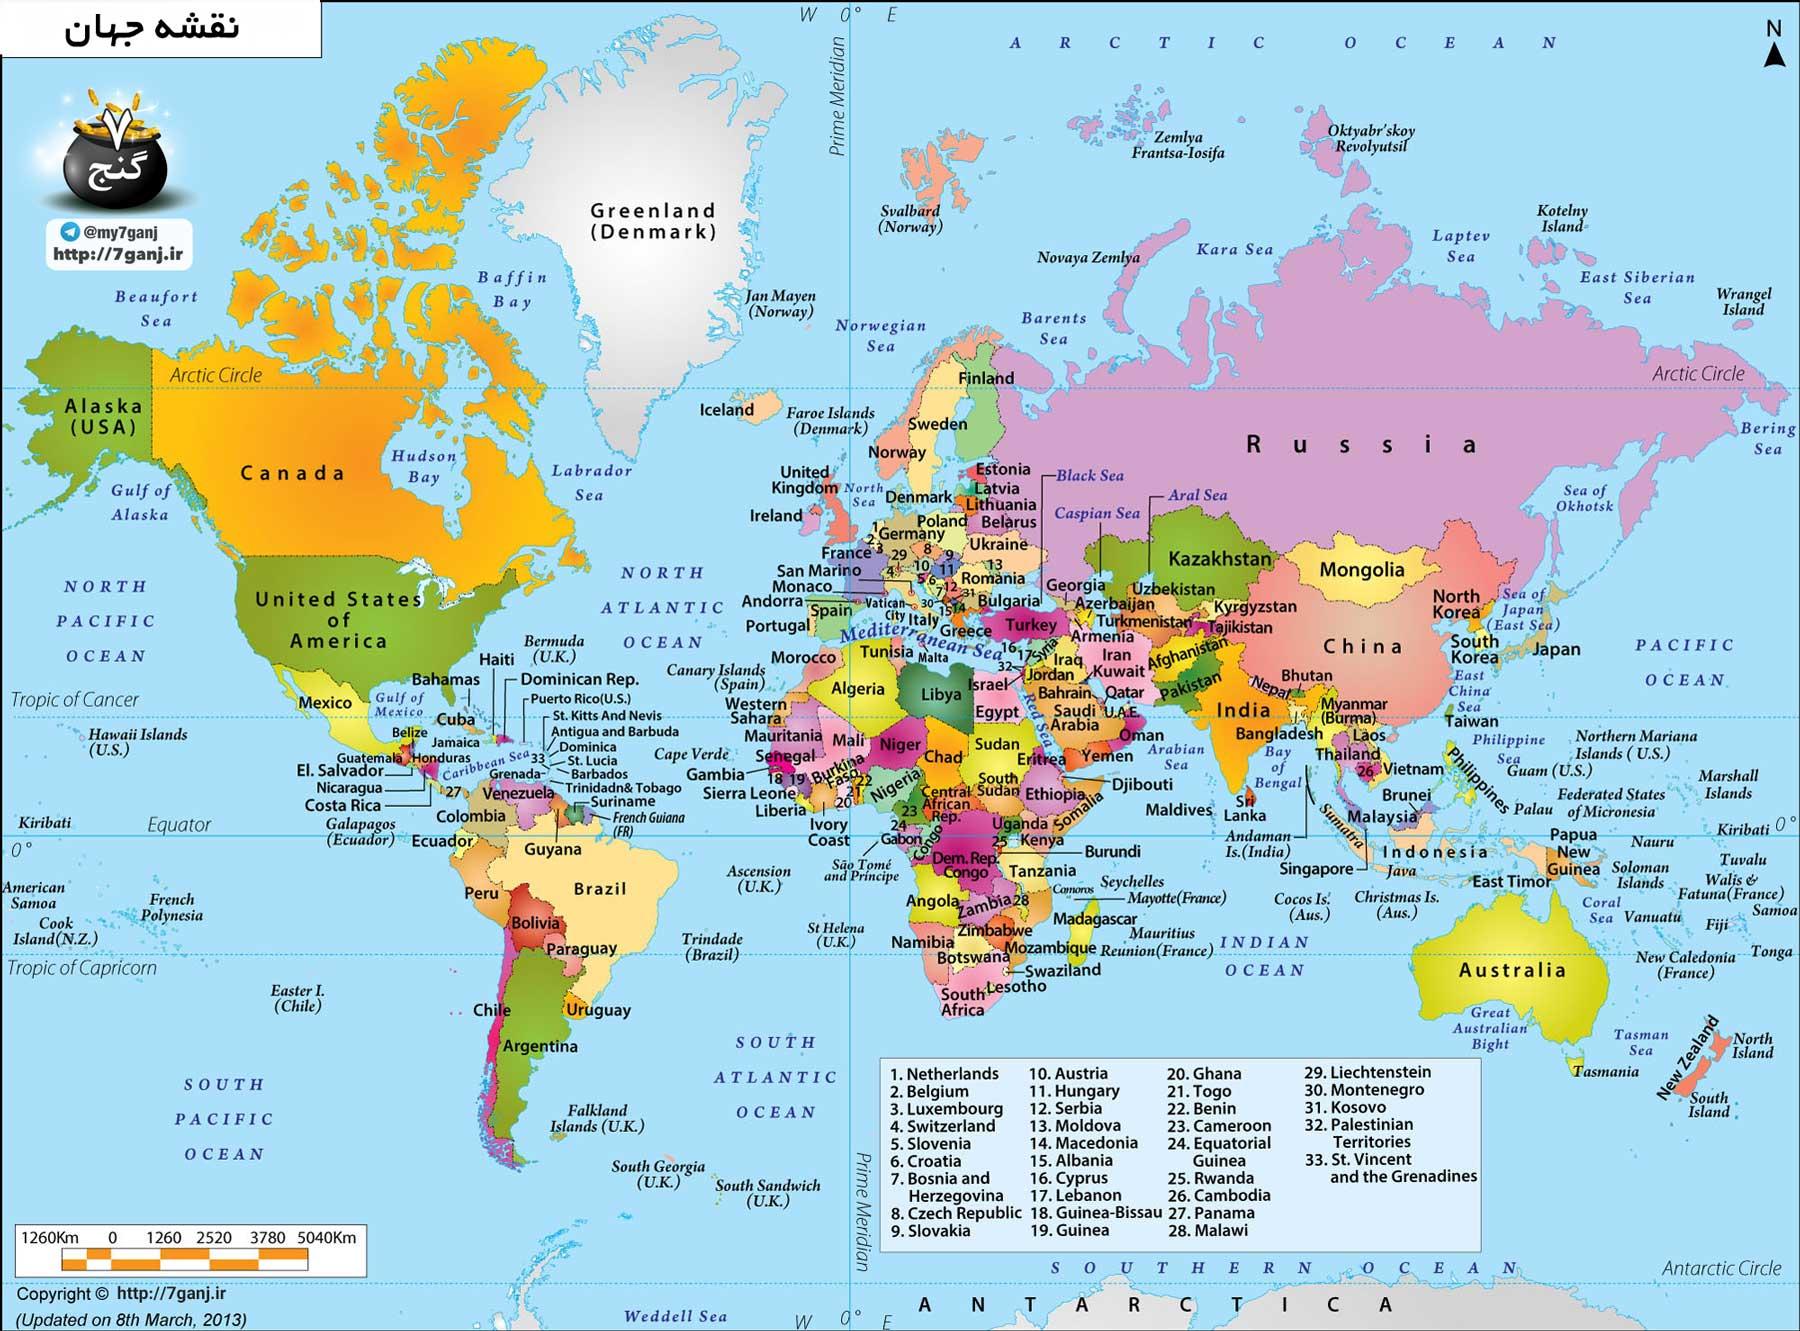 نقشه سیاسی کشور های جهان